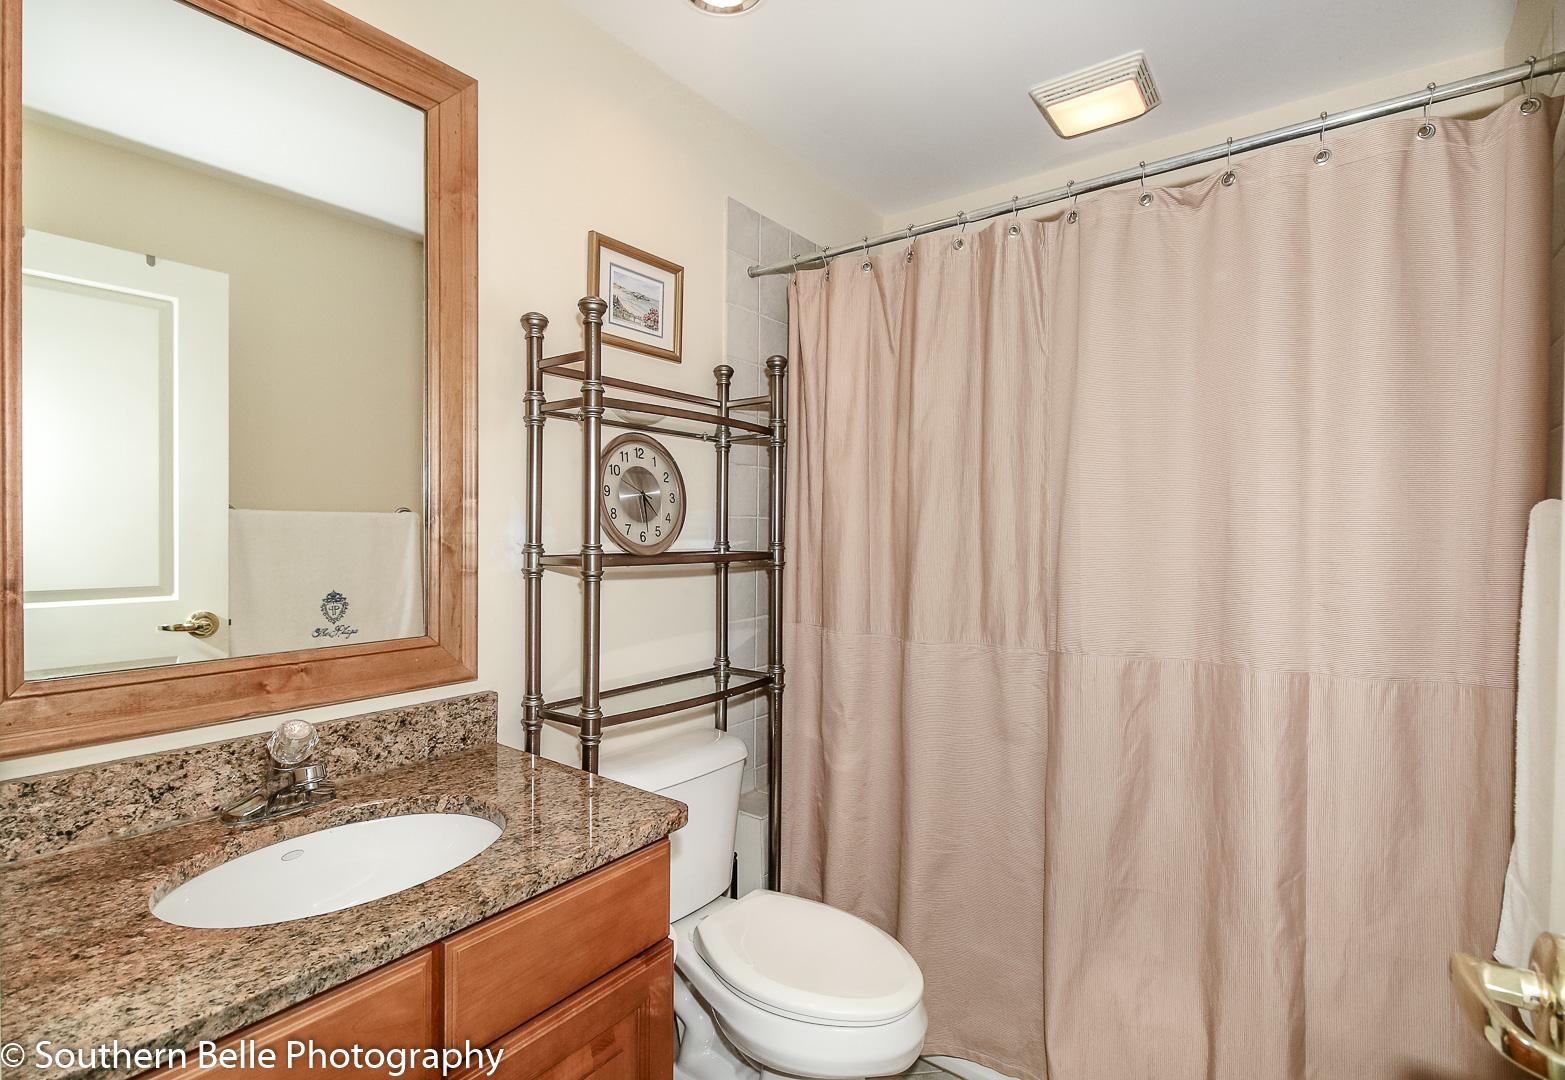 19. Full Bathroom WM